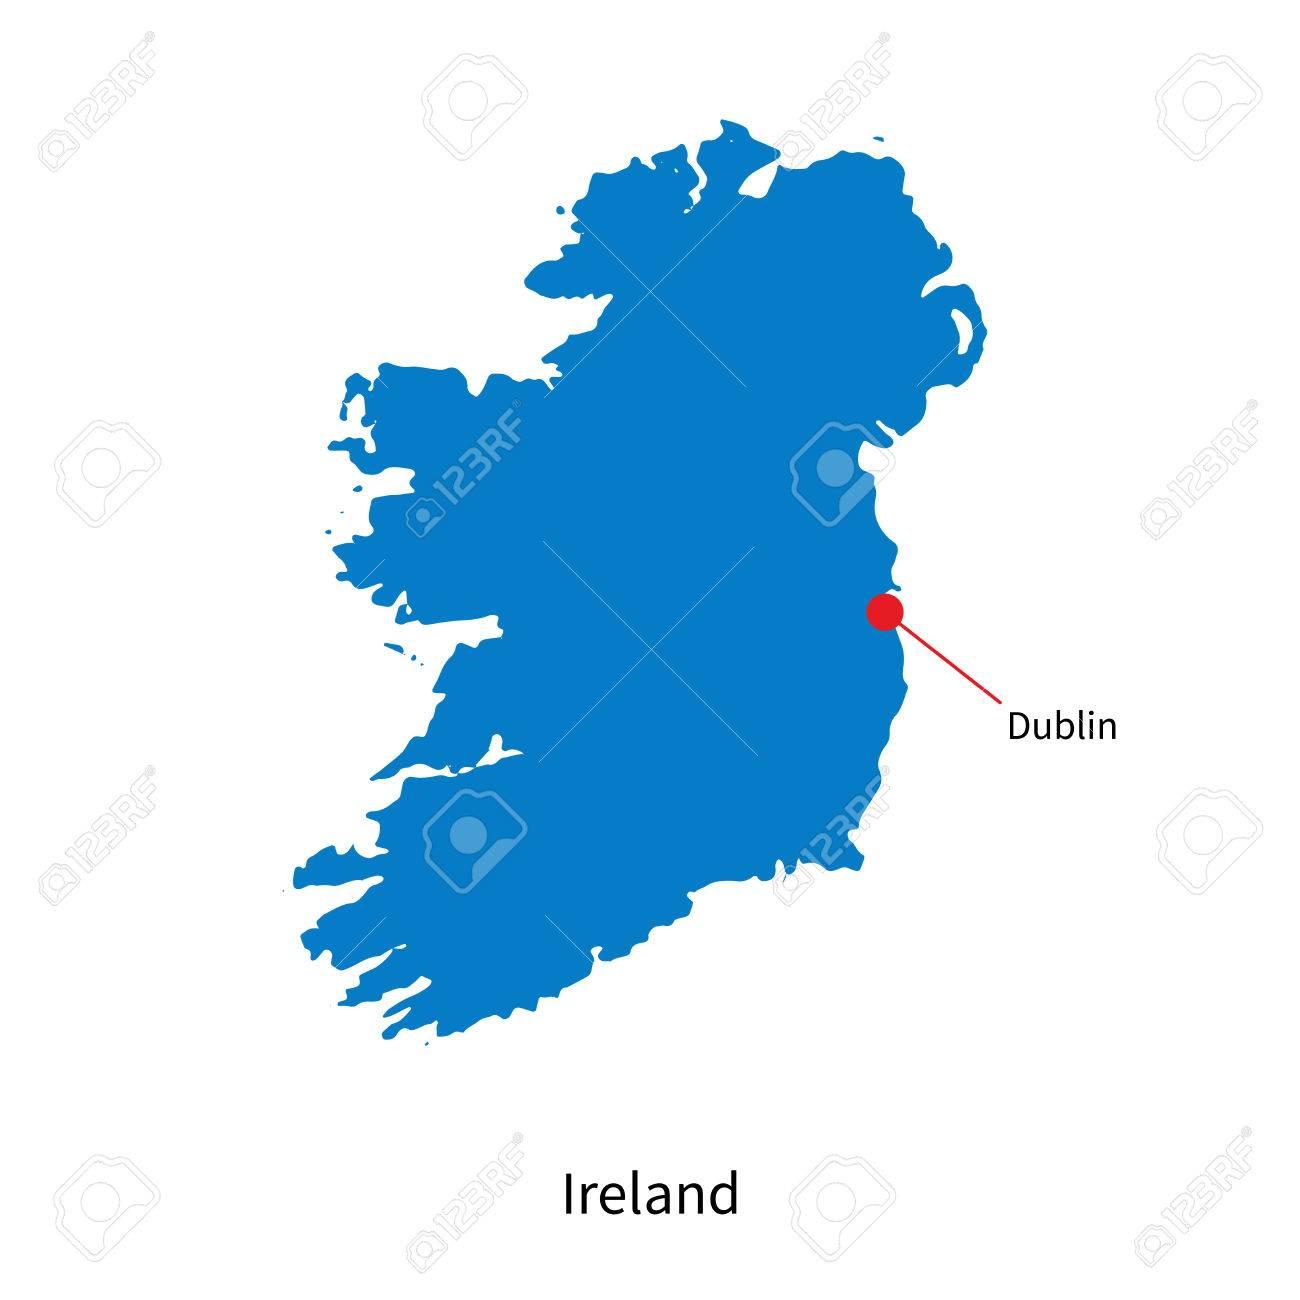 Mapa Detallado De Irlanda Y La Capital Dublín Ilustraciones ...